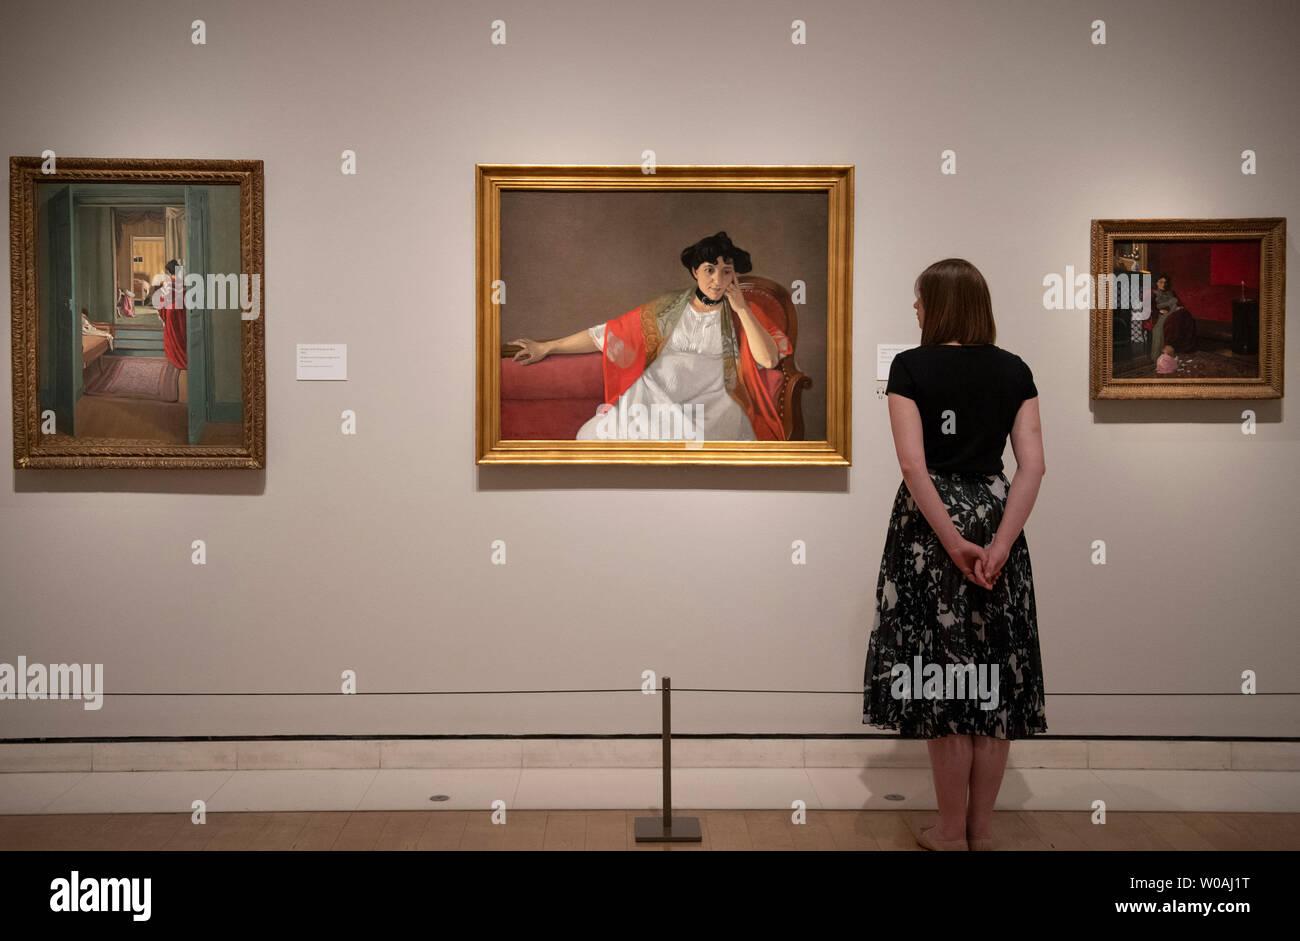 La Royal Academy of Arts di Londra, Regno Unito. Il 27 giugno 2019. Felix Vallotton: pittore di inquietudine. La prima mostra dell'artista Félix Vallotton di lavoro nel Regno Unito a partire dal 1976 e la prima ad includere i suoi dipinti. Immagine: (sinistra) interni con la donna in rosso (Intérieur avec femme en rouge de dos), 1903. Olio su tela. 92,5 x 70,5 cm. Kunsthaus di Zurigo; (destra) Gabrielle Vallotton, 1905. Il Musée des Beaux-Arts, Bordeaux. Credito: Malcolm Park/Alamy Live News. Immagini Stock